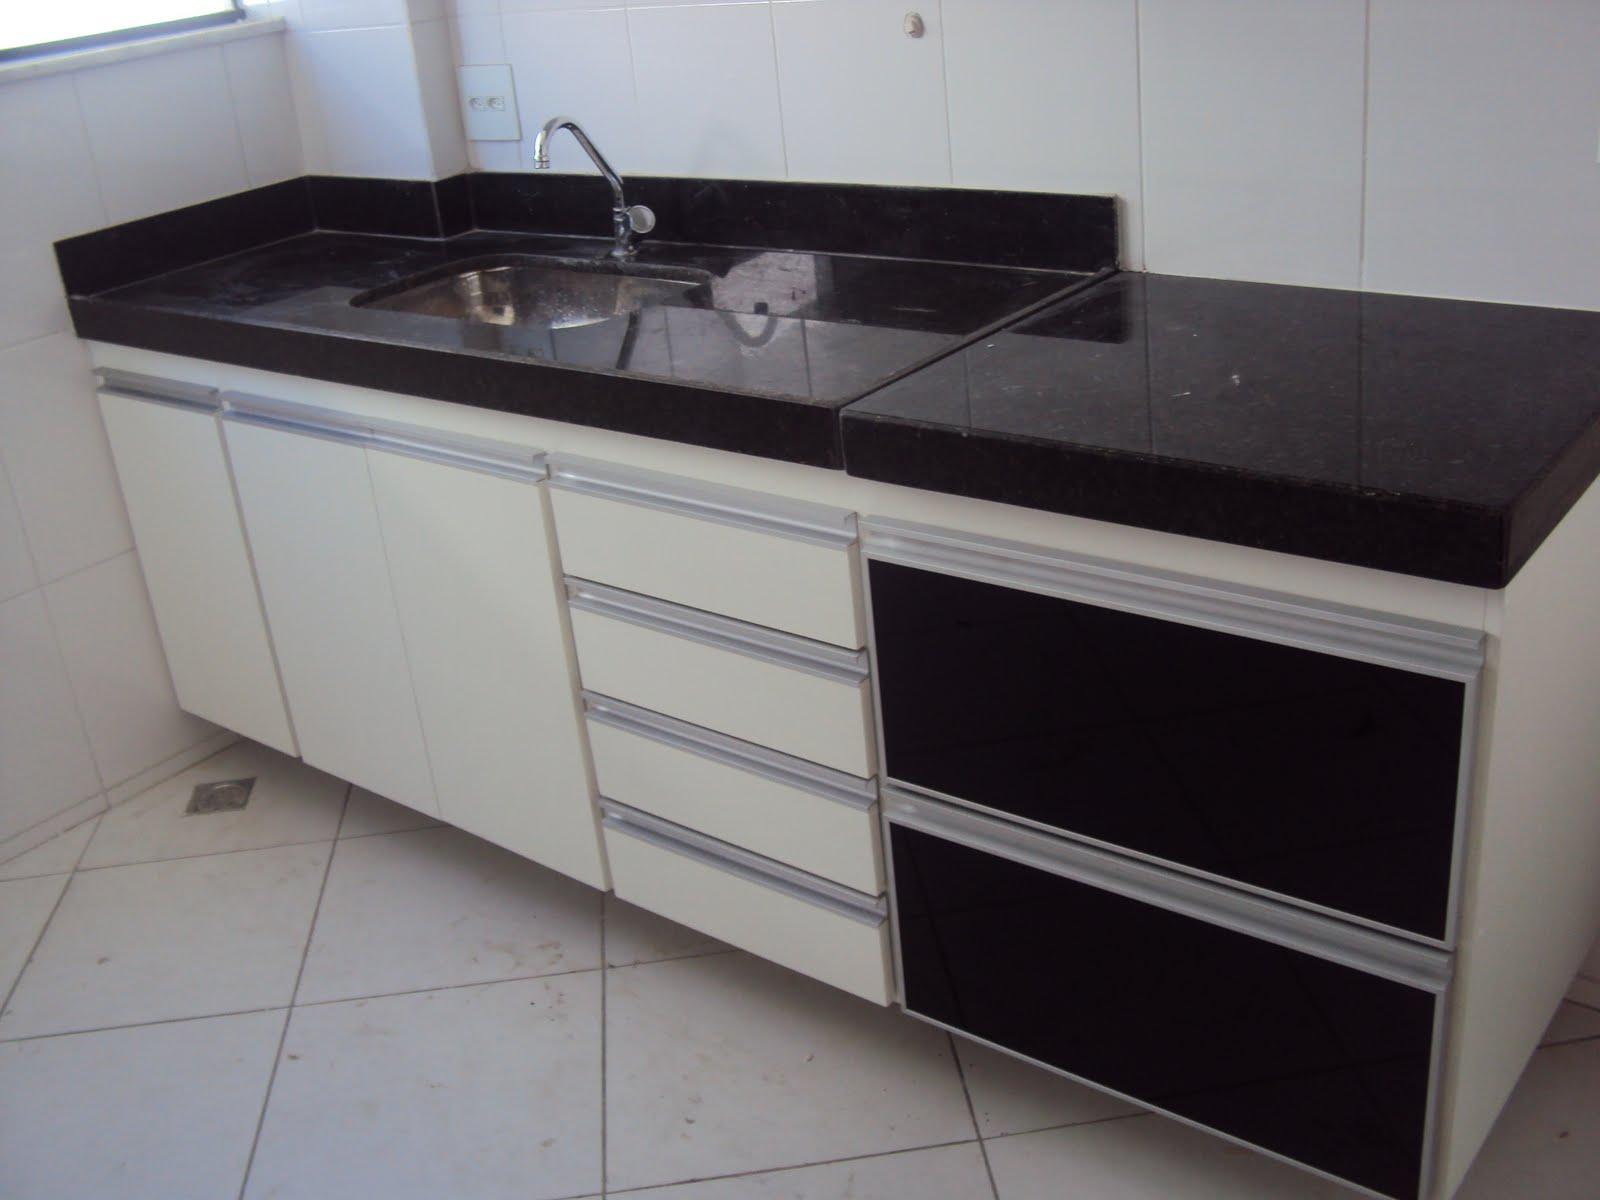 Klaus Armários Sua casa Seu estilo  Cozinha com Puxador G e portas de alumin -> Armario De Banheiro Com Puxador Embutido